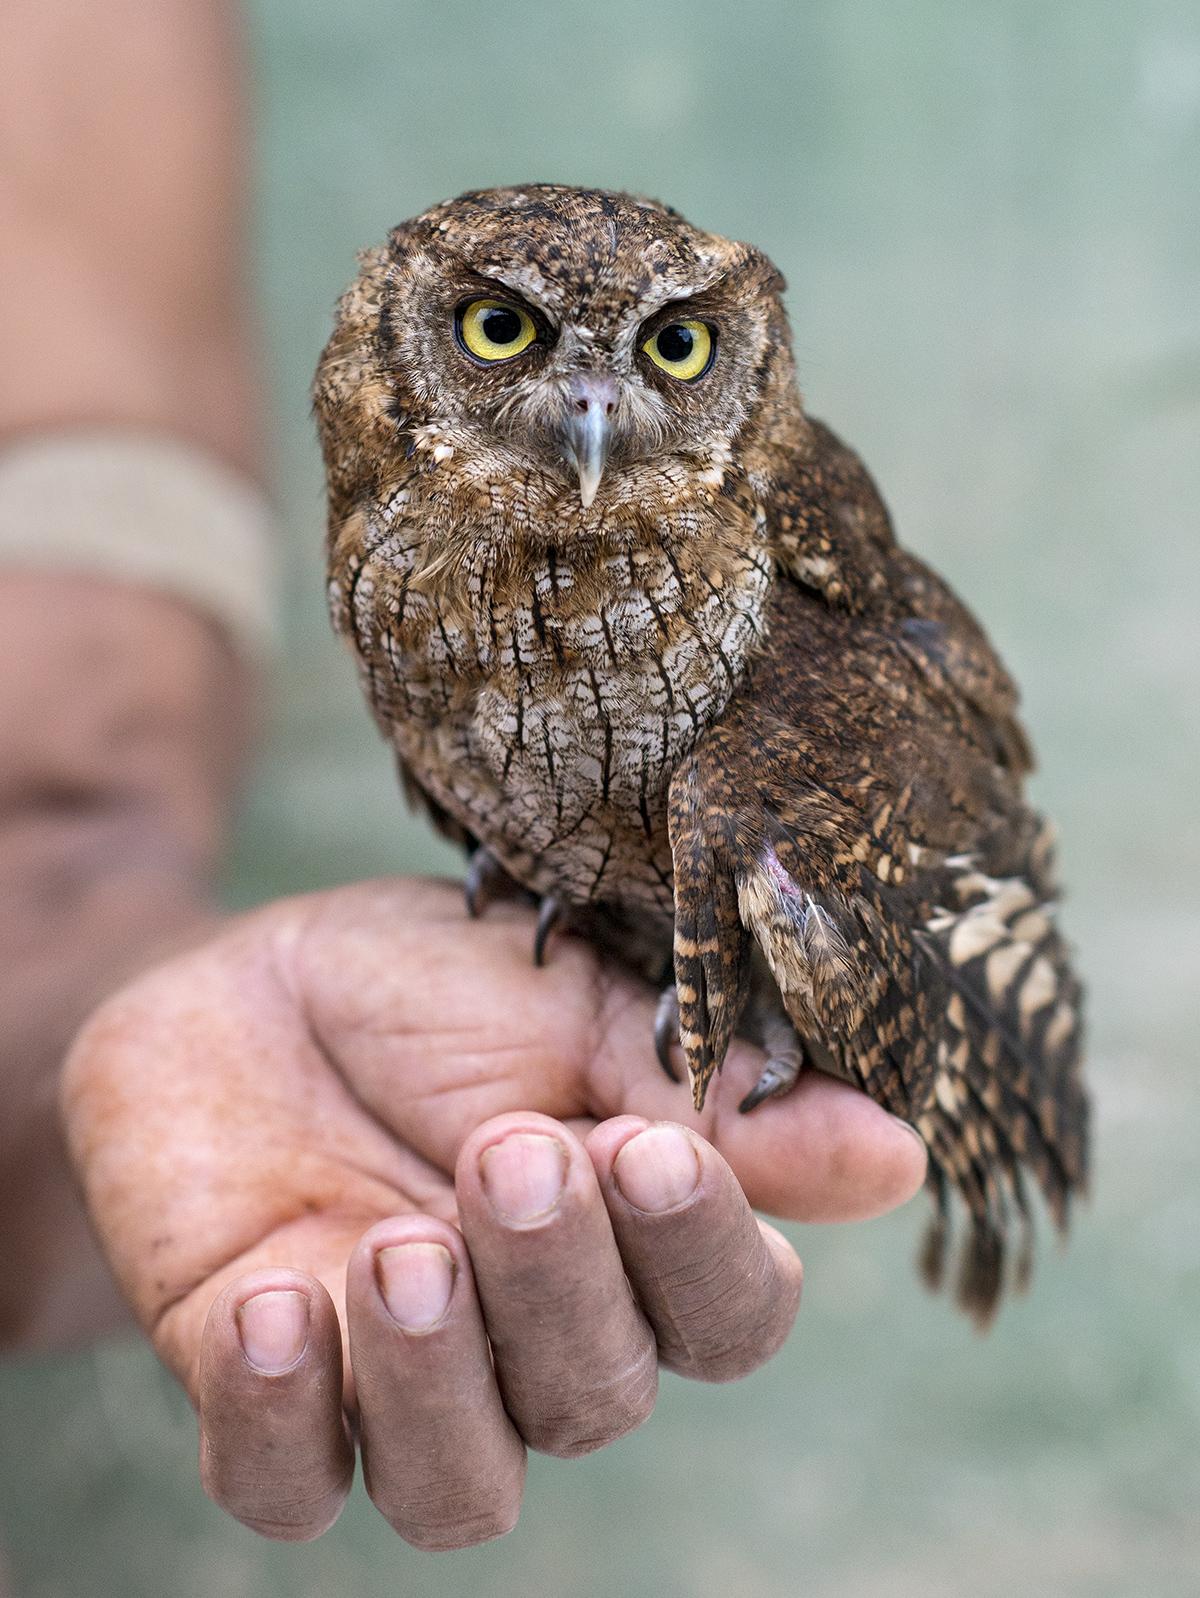 On a trek through Yasuní, the author encountered this Tropical Screech-Owl. Neil Ever Osborne